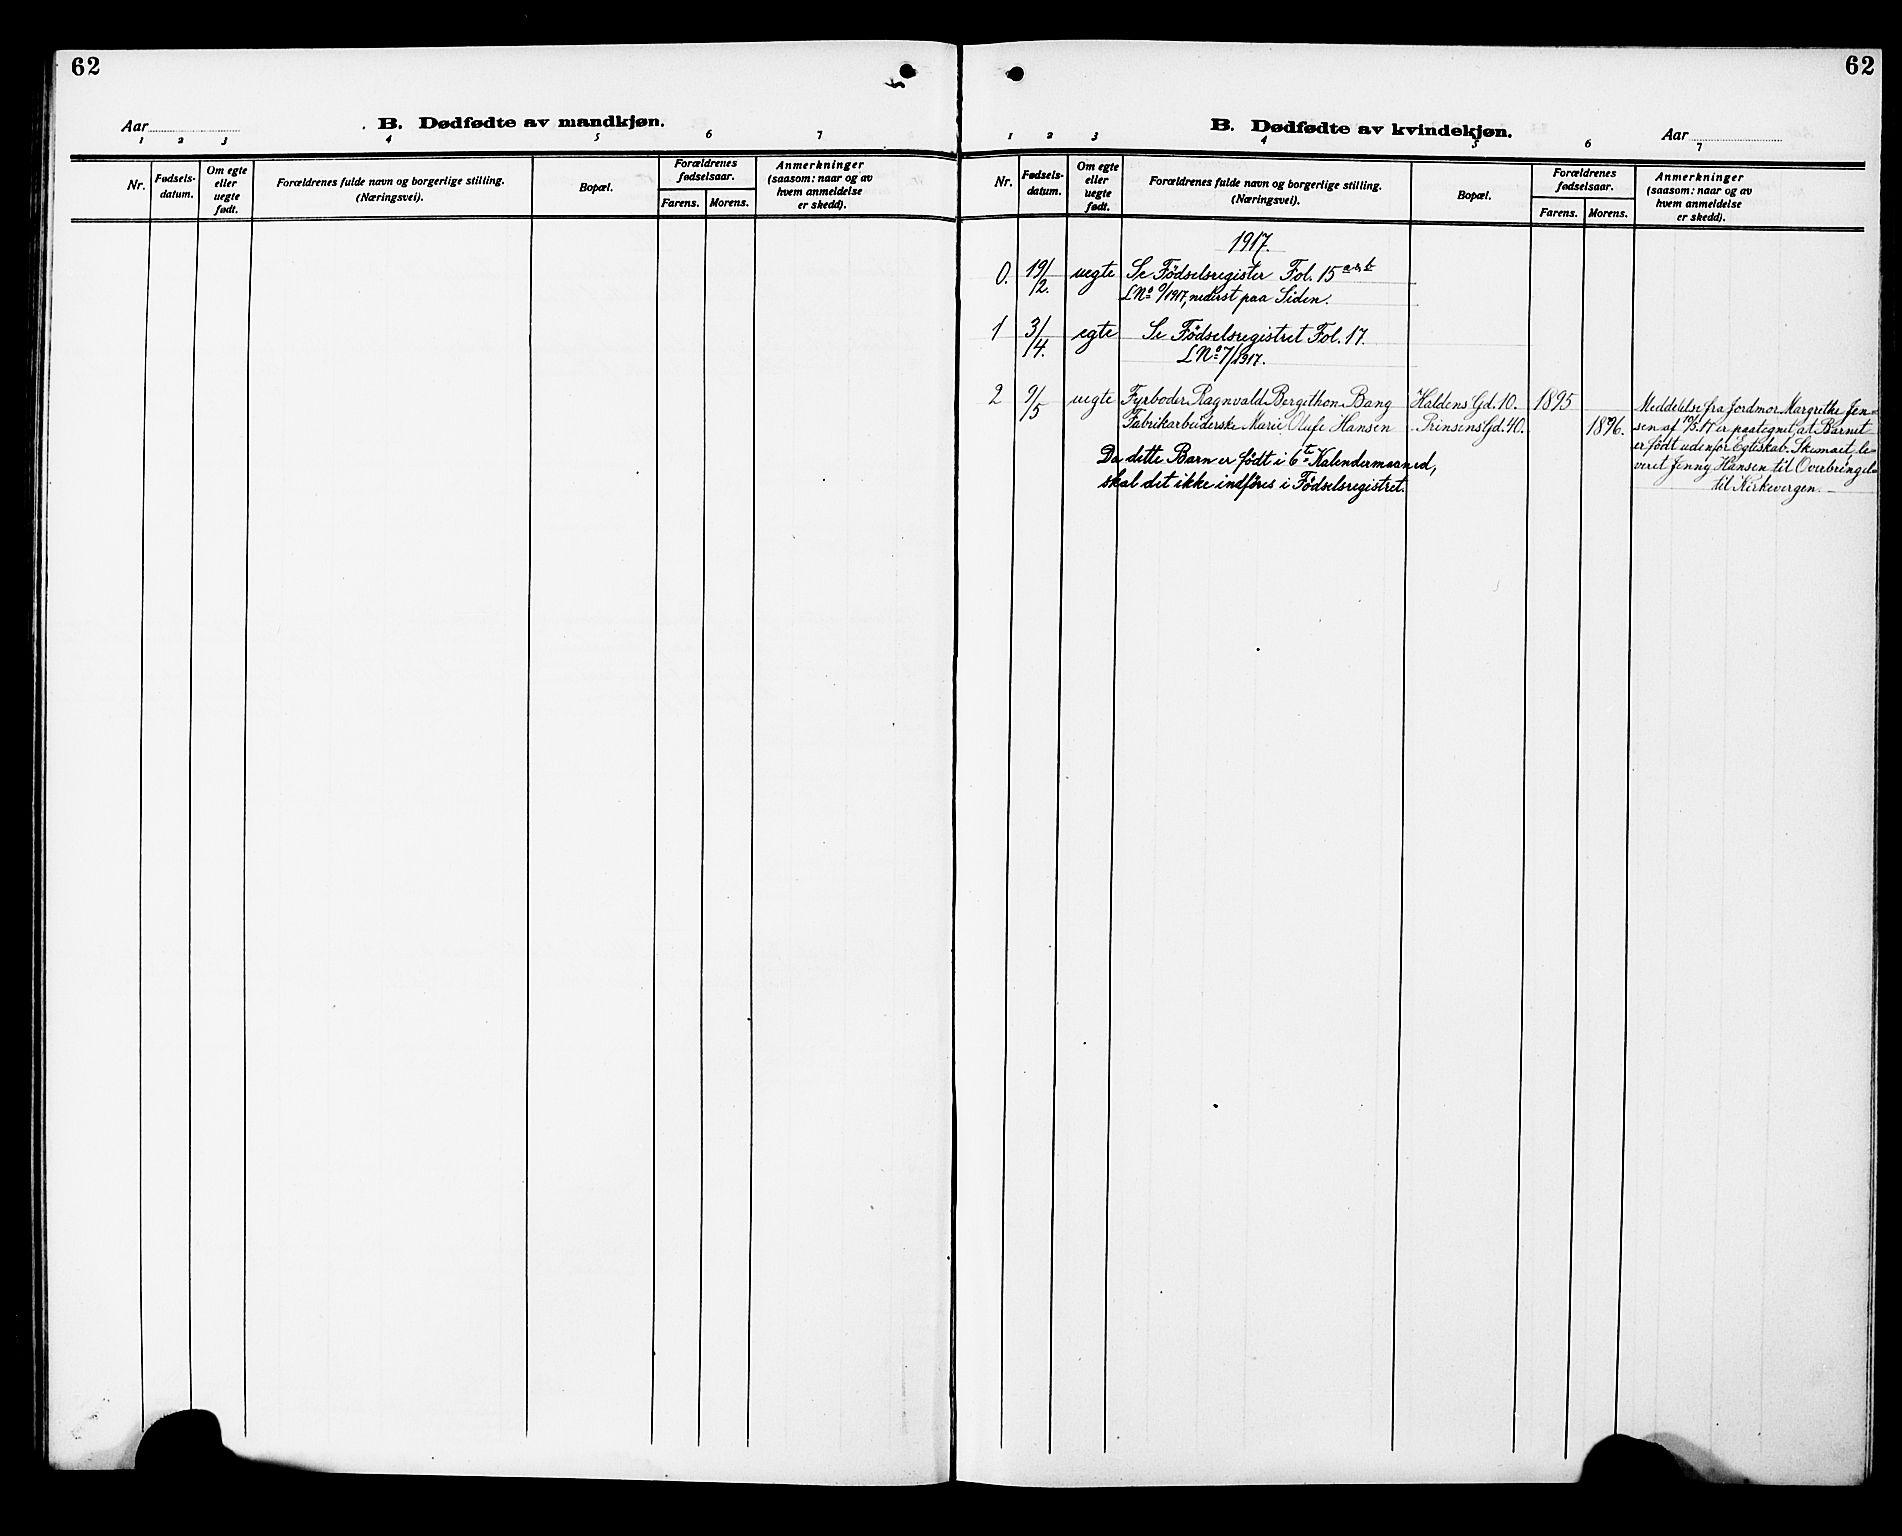 SAT, Ministerialprotokoller, klokkerbøker og fødselsregistre - Sør-Trøndelag, 602/L0147: Klokkerbok nr. 602C15, 1911-1924, s. 62